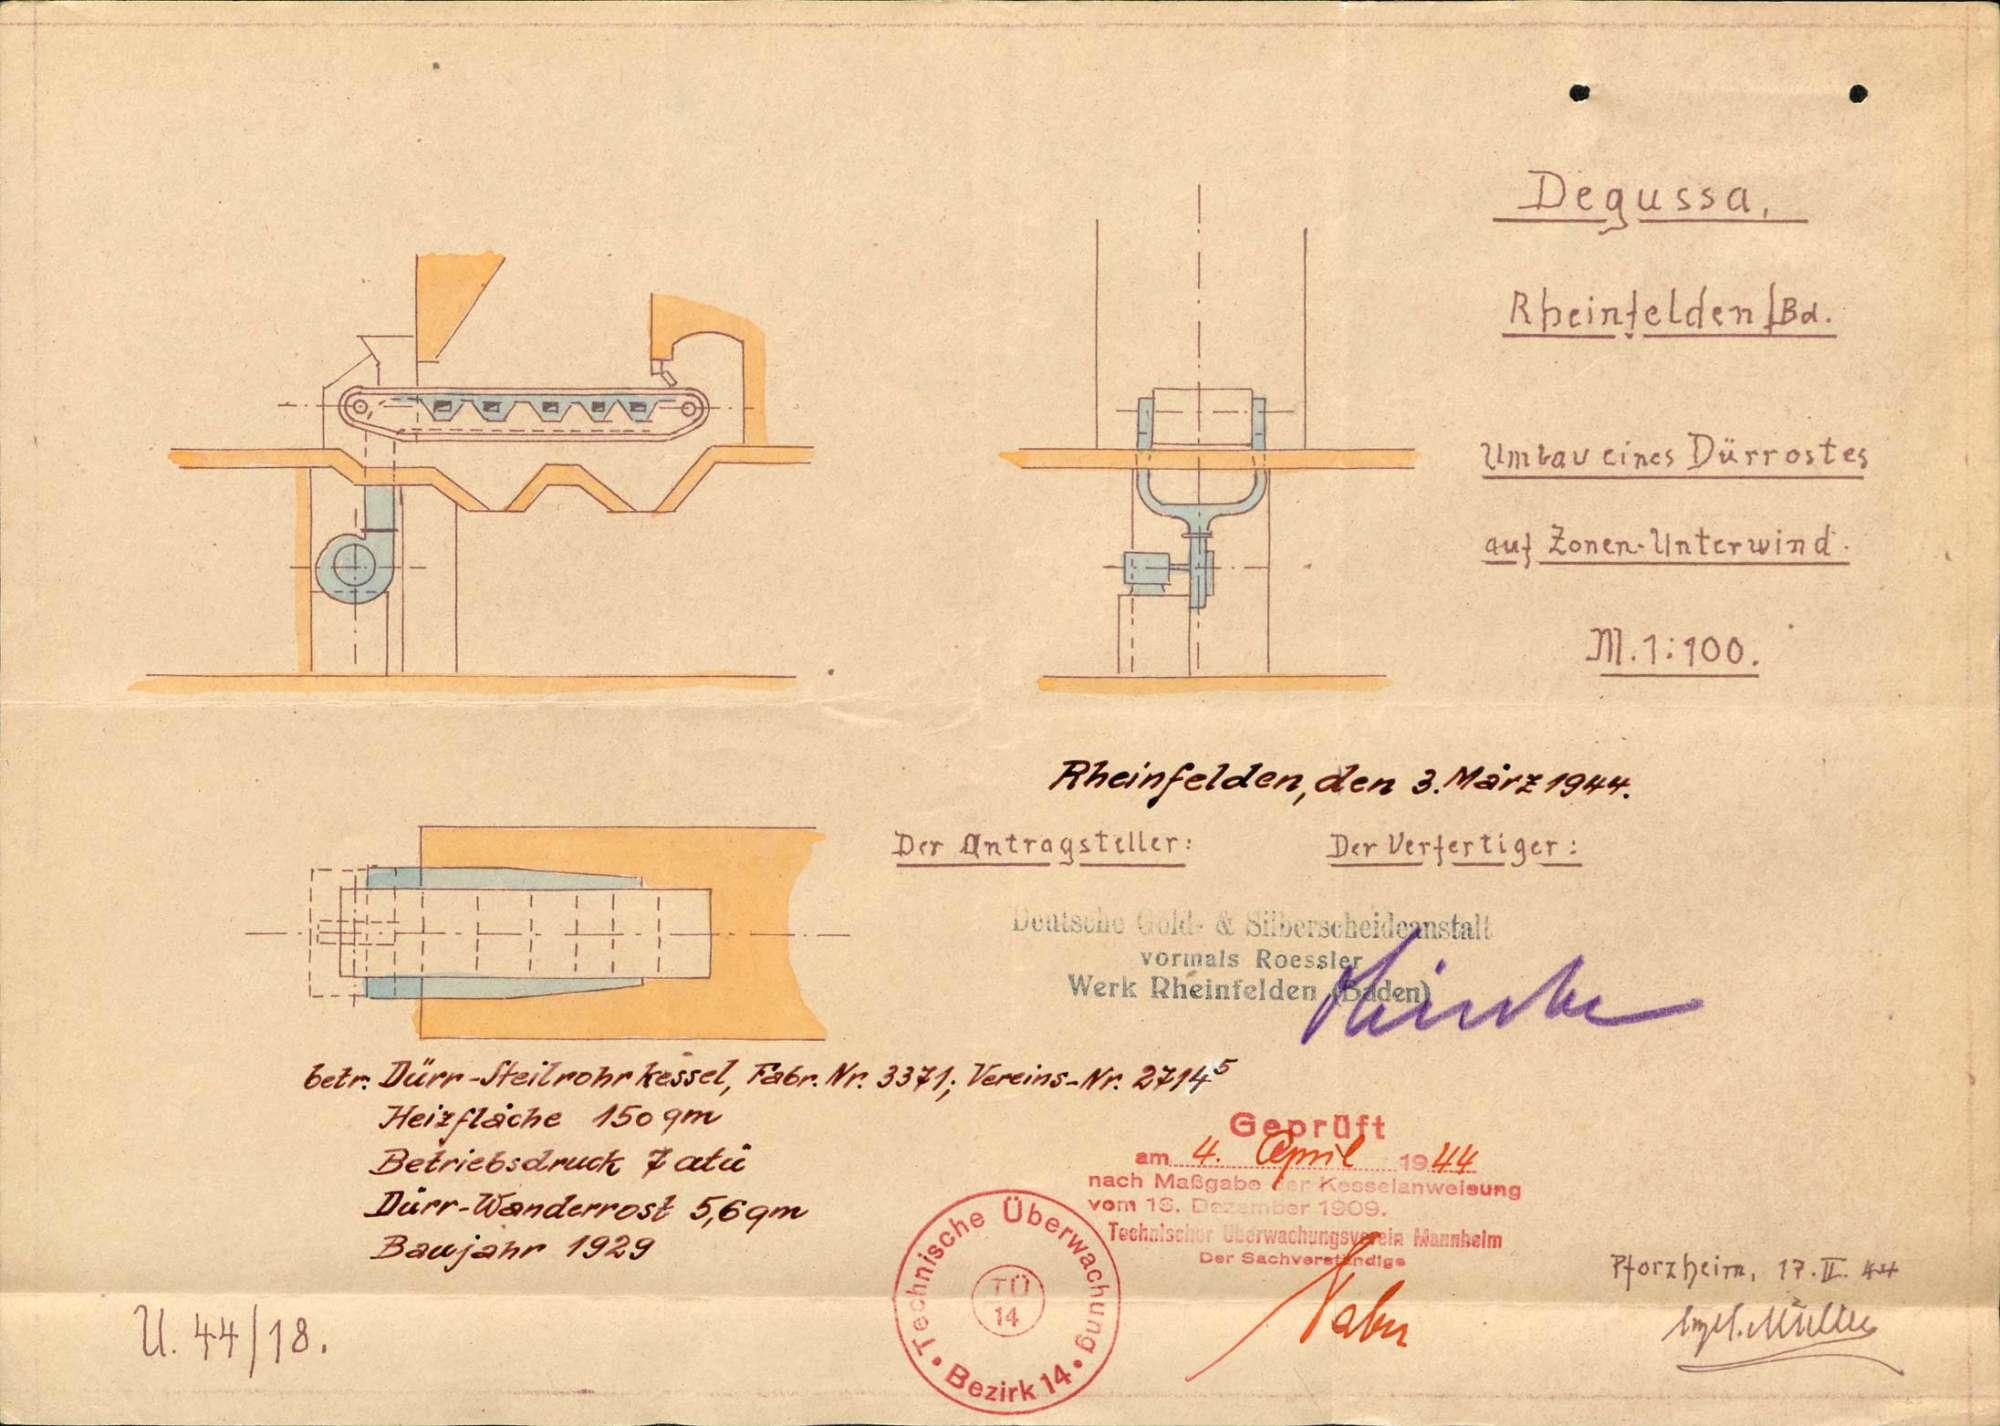 Dampfkessel der Firma Deutsche Gold- und Silberscheideanstalt, vormals Rössler Werk, in Rheinfelden (Baden), Bild 1